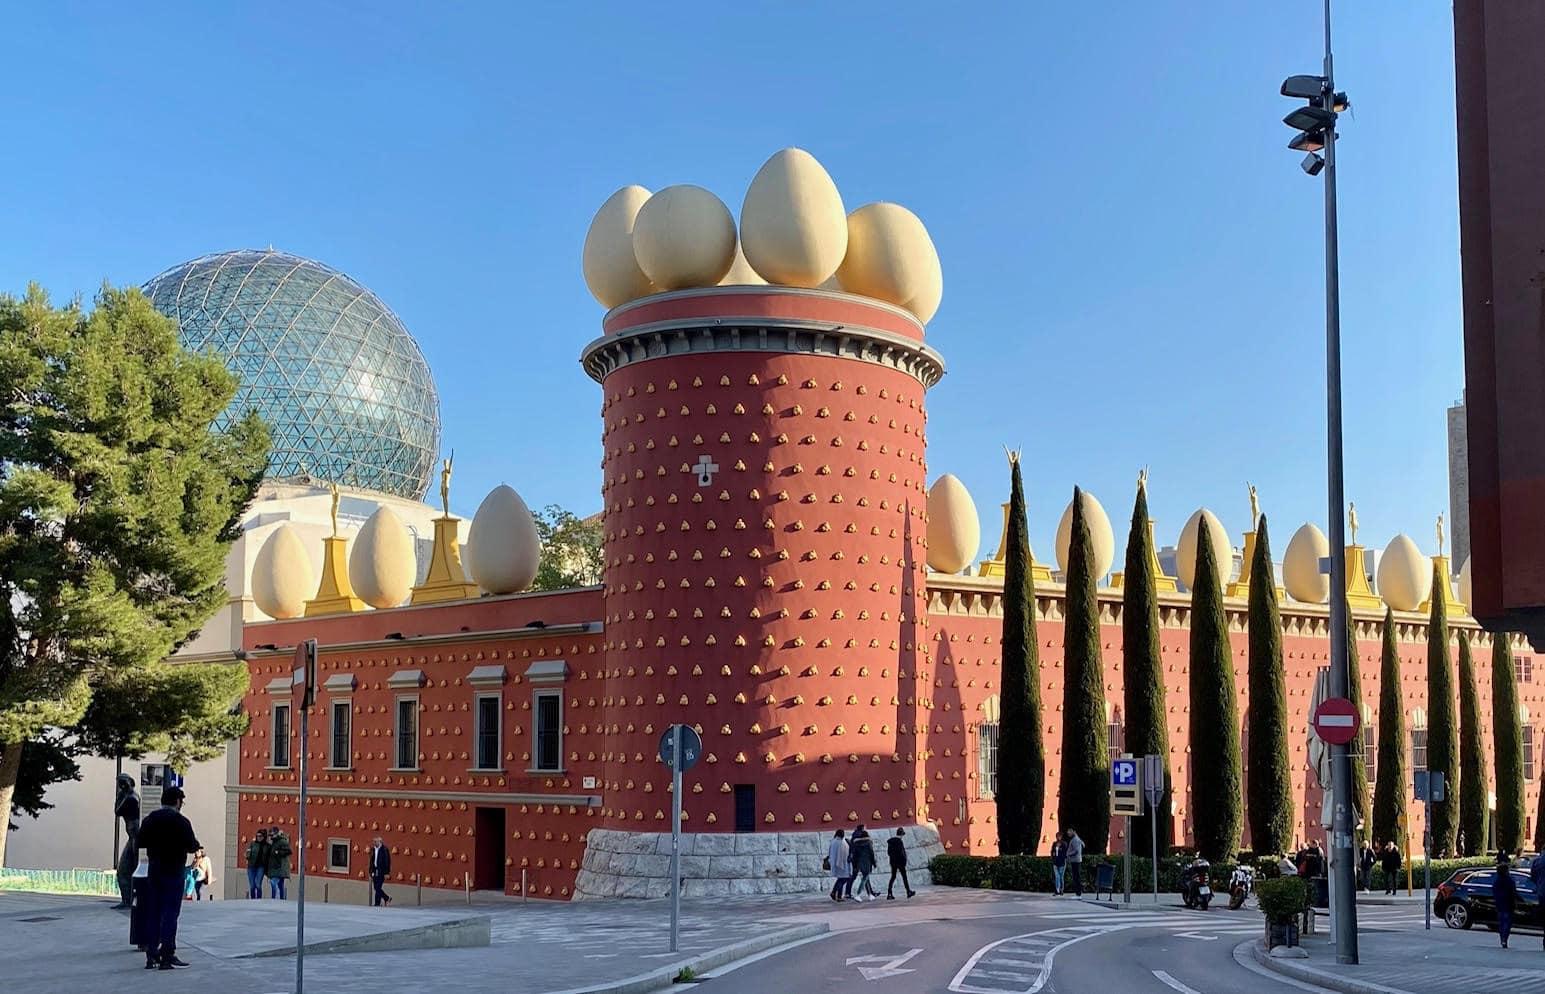 exterior of Dali Museum